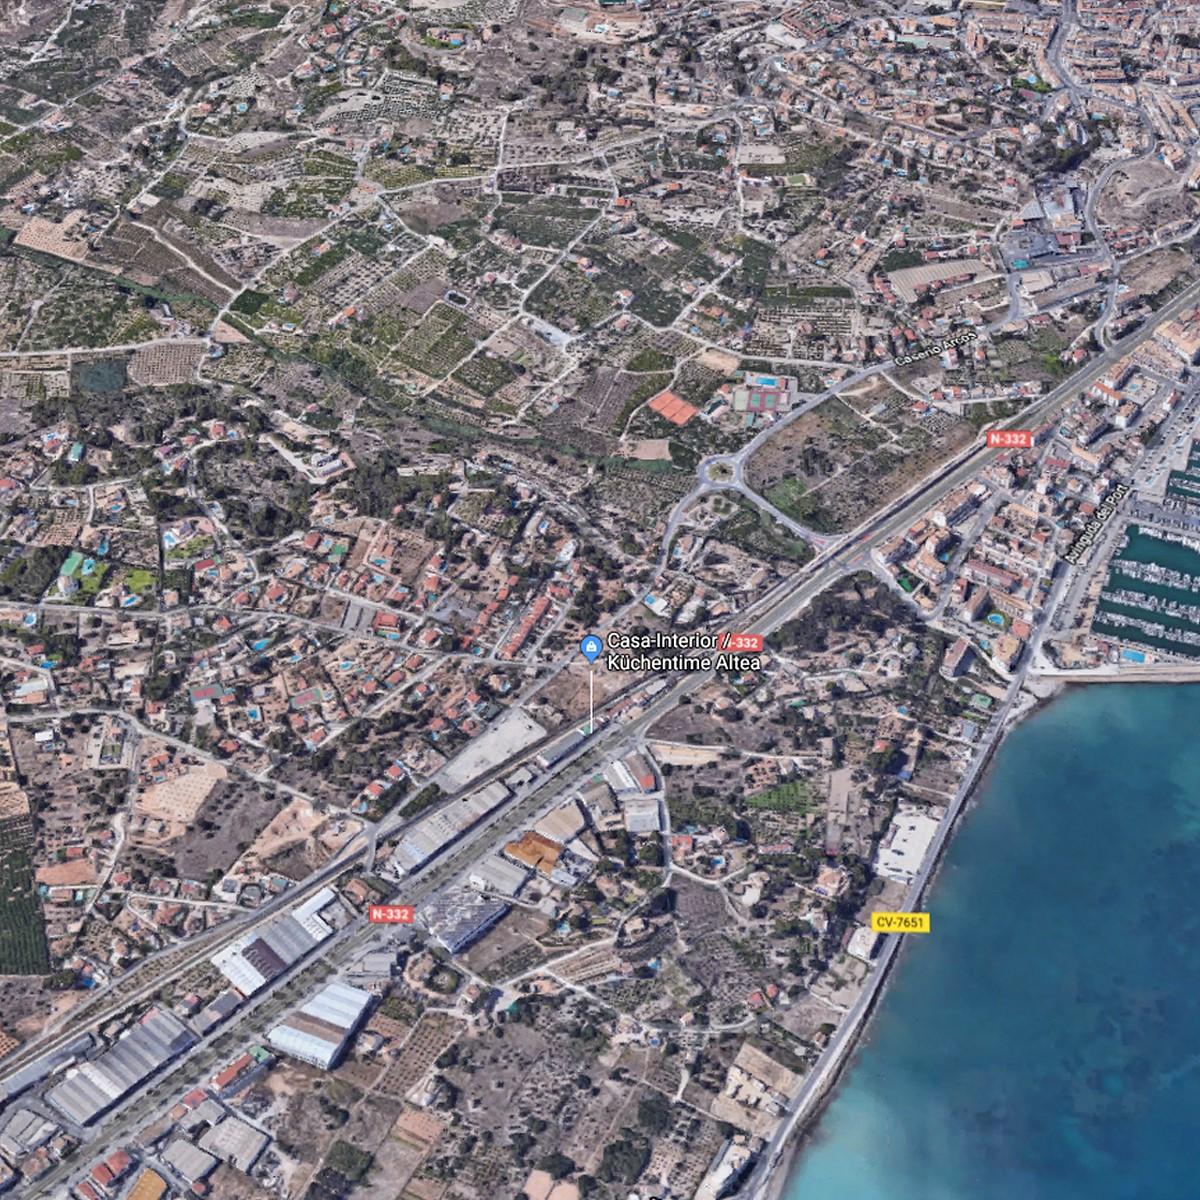 Casa Interior Situation map